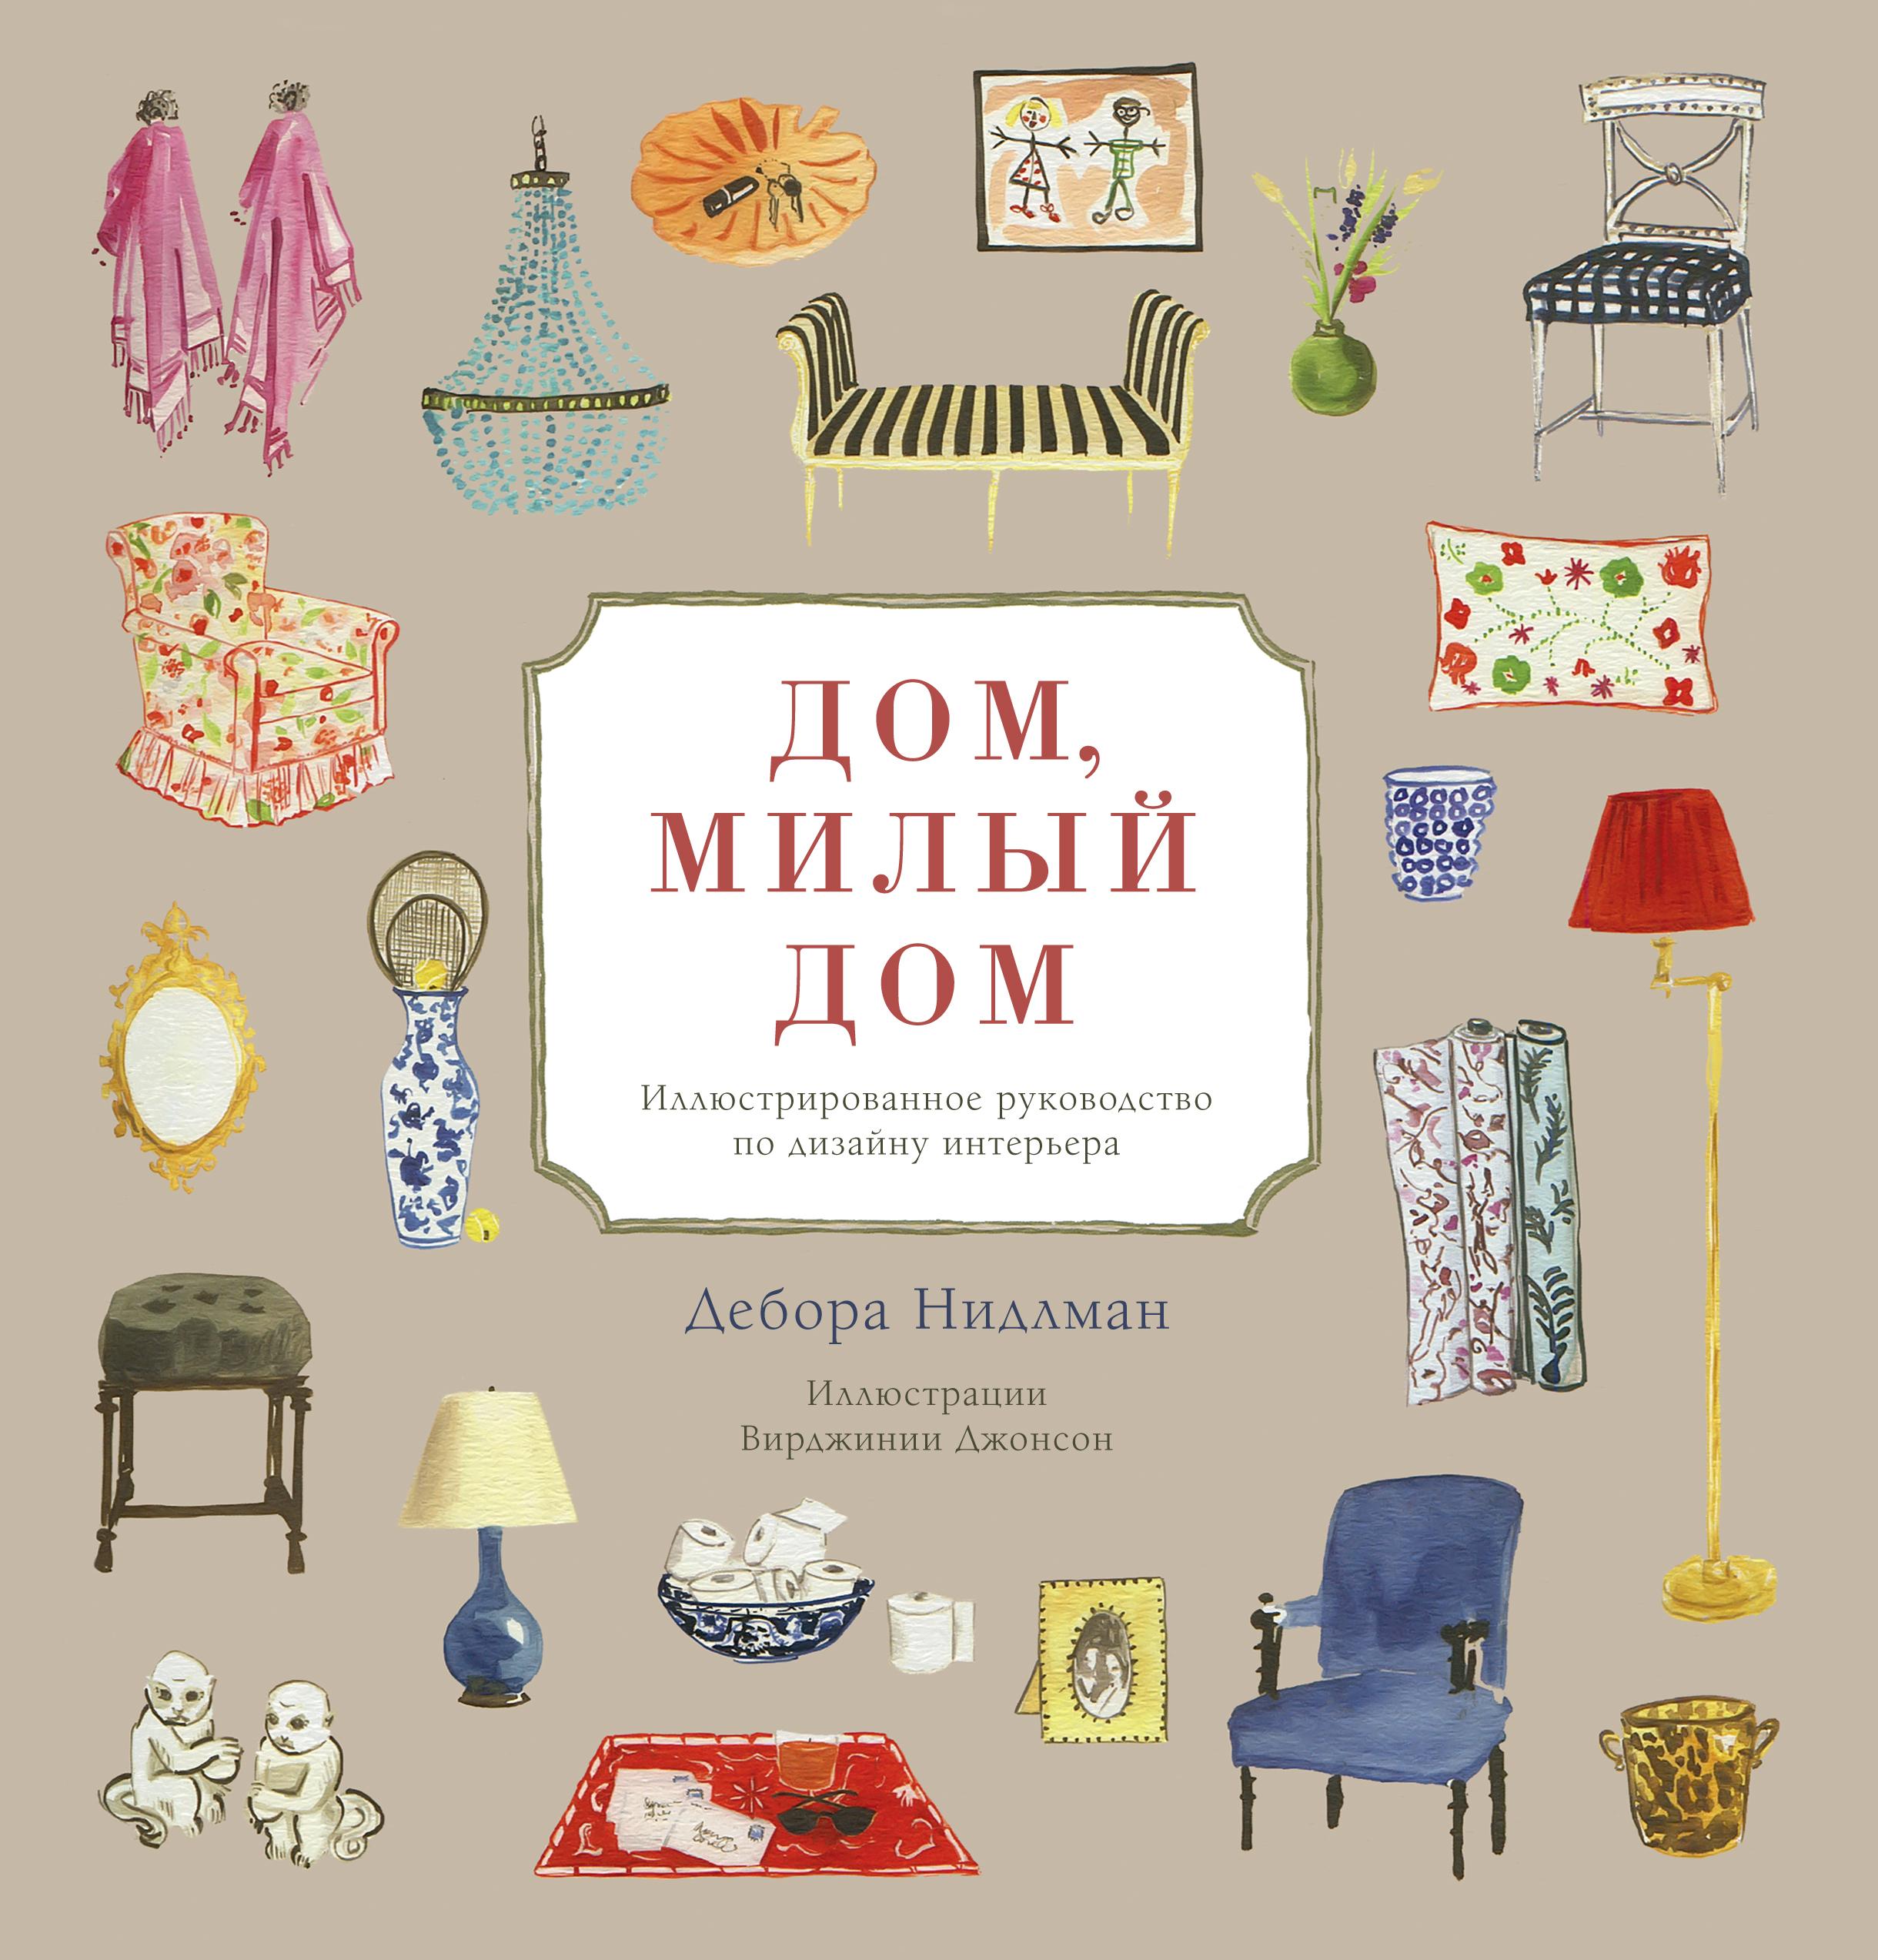 Дом, милый дом. Иллюстрированное руководство по дизайну интерьера от book24.ru